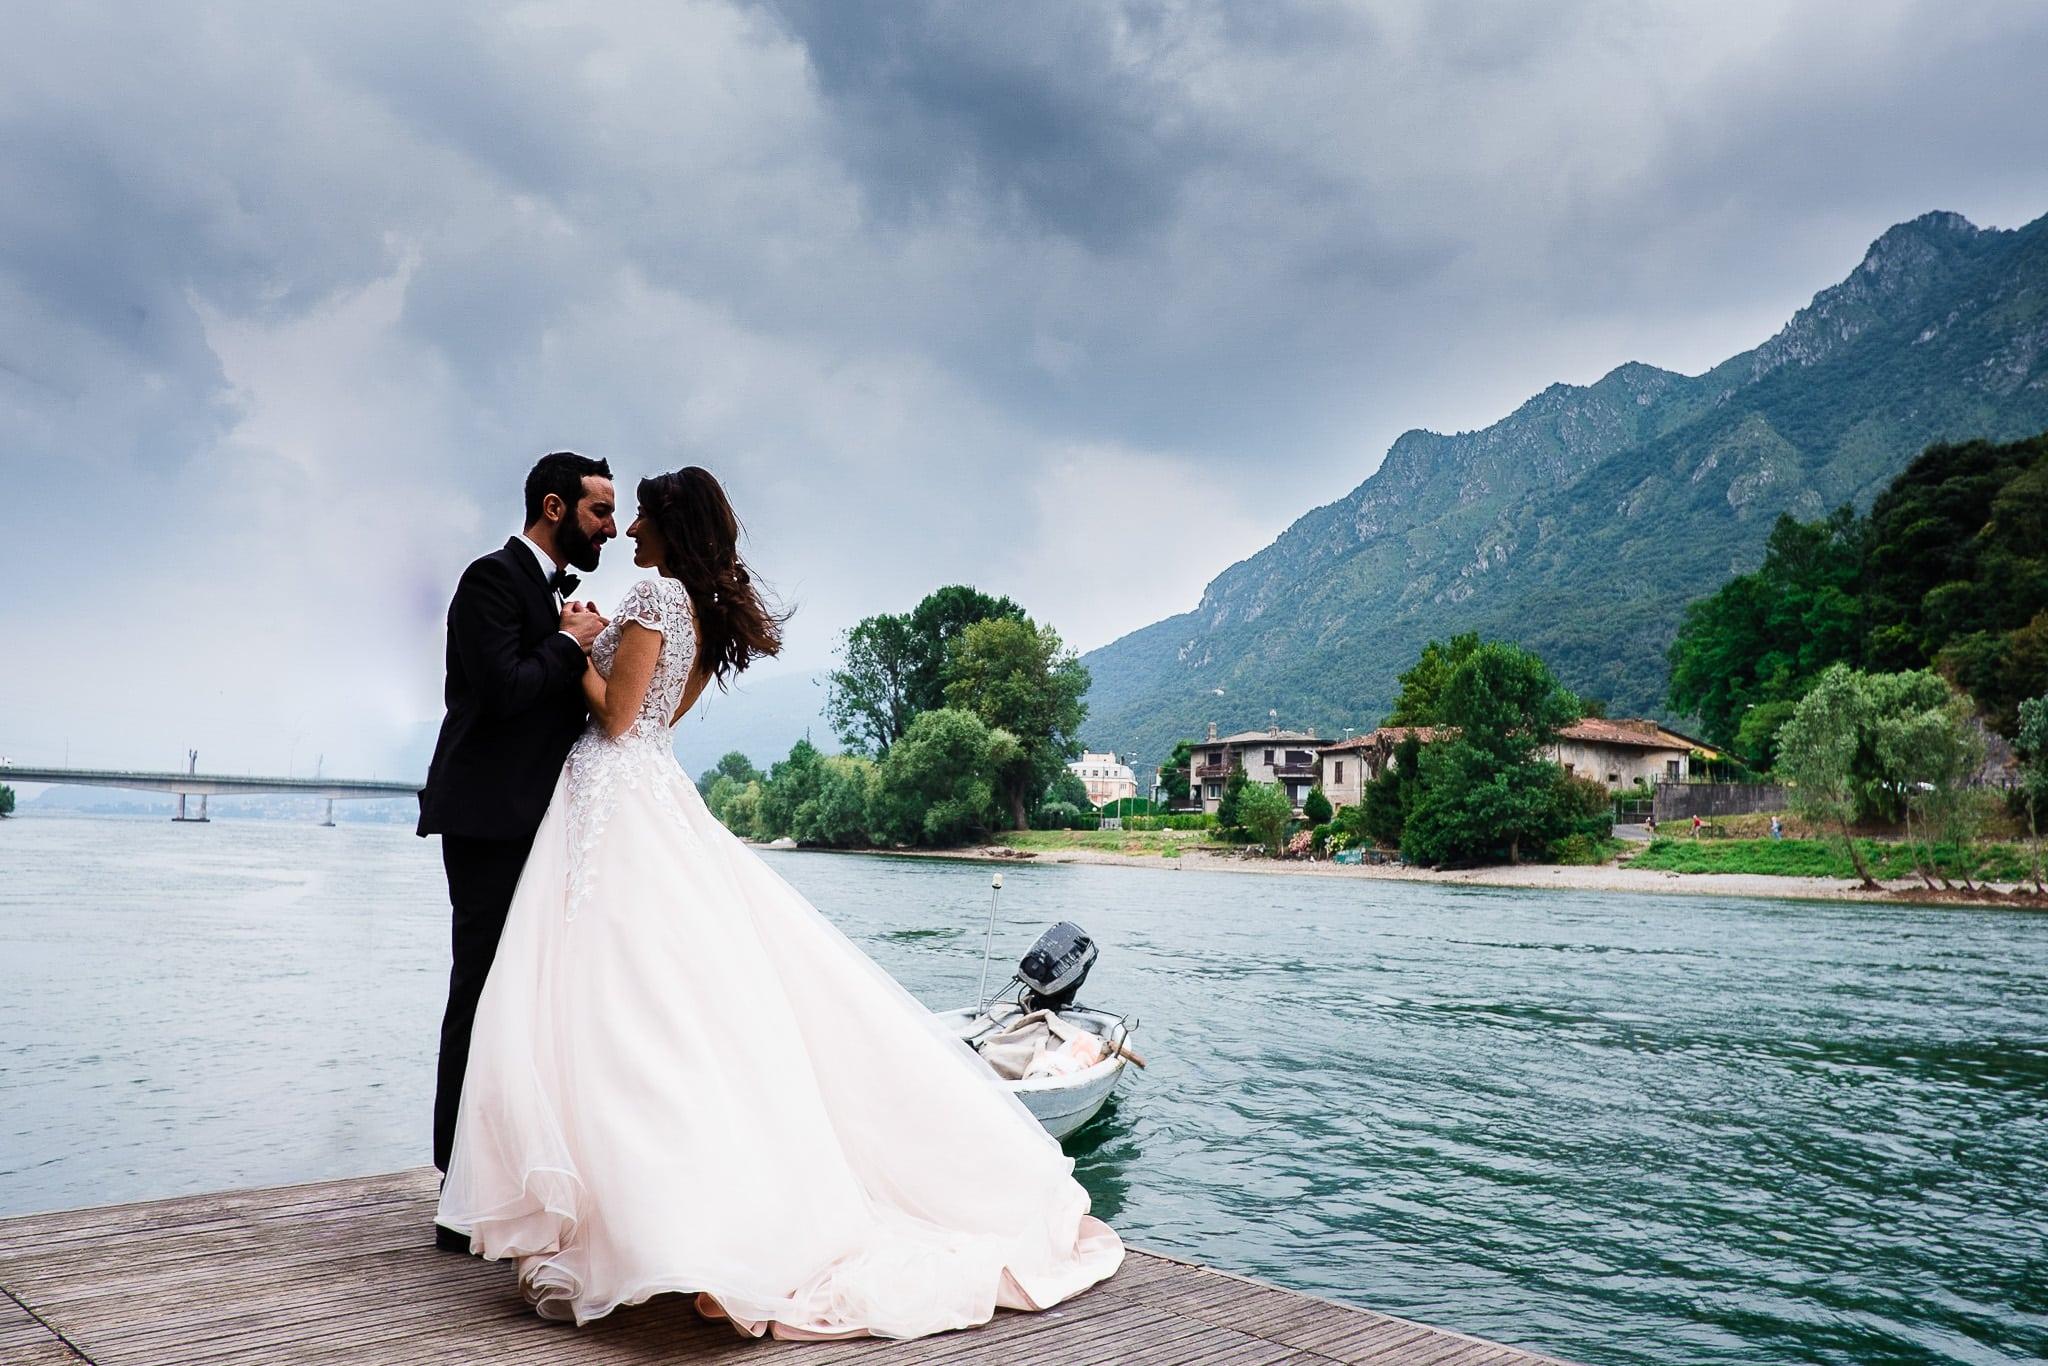 Matrimonio Lecco chiesa promessi sposi 75